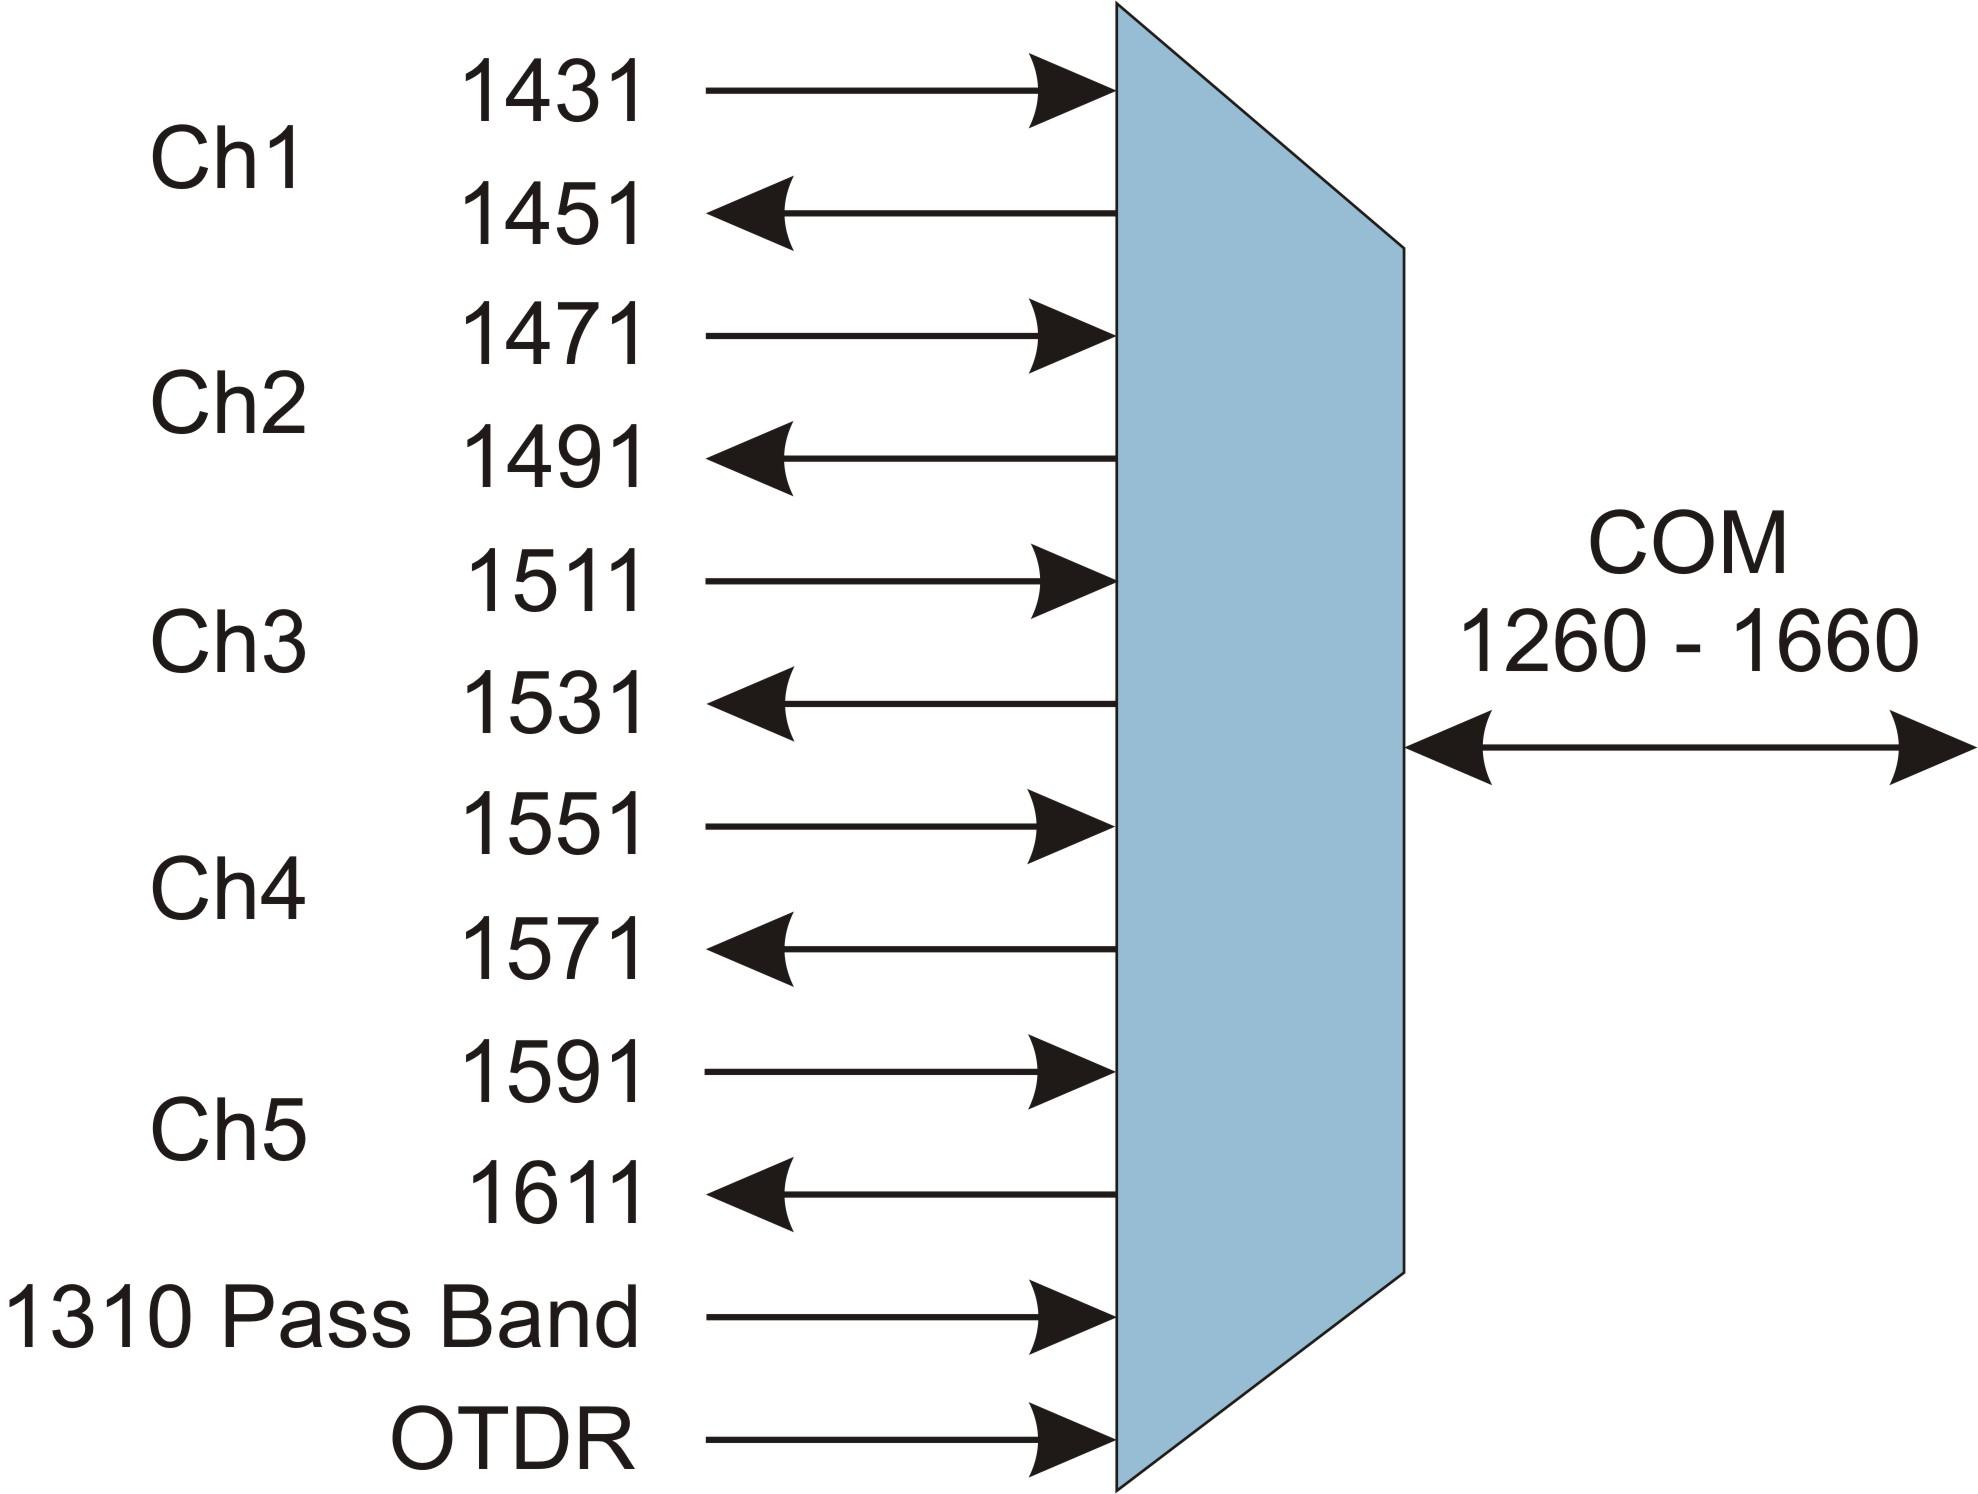 Fiber Mux Block Diagram Electrical Drawing Wiring Xor Gate Single Lgx Cwdm Multiplexer Omnilight 5 Channel Rh Omnitron Systems Com